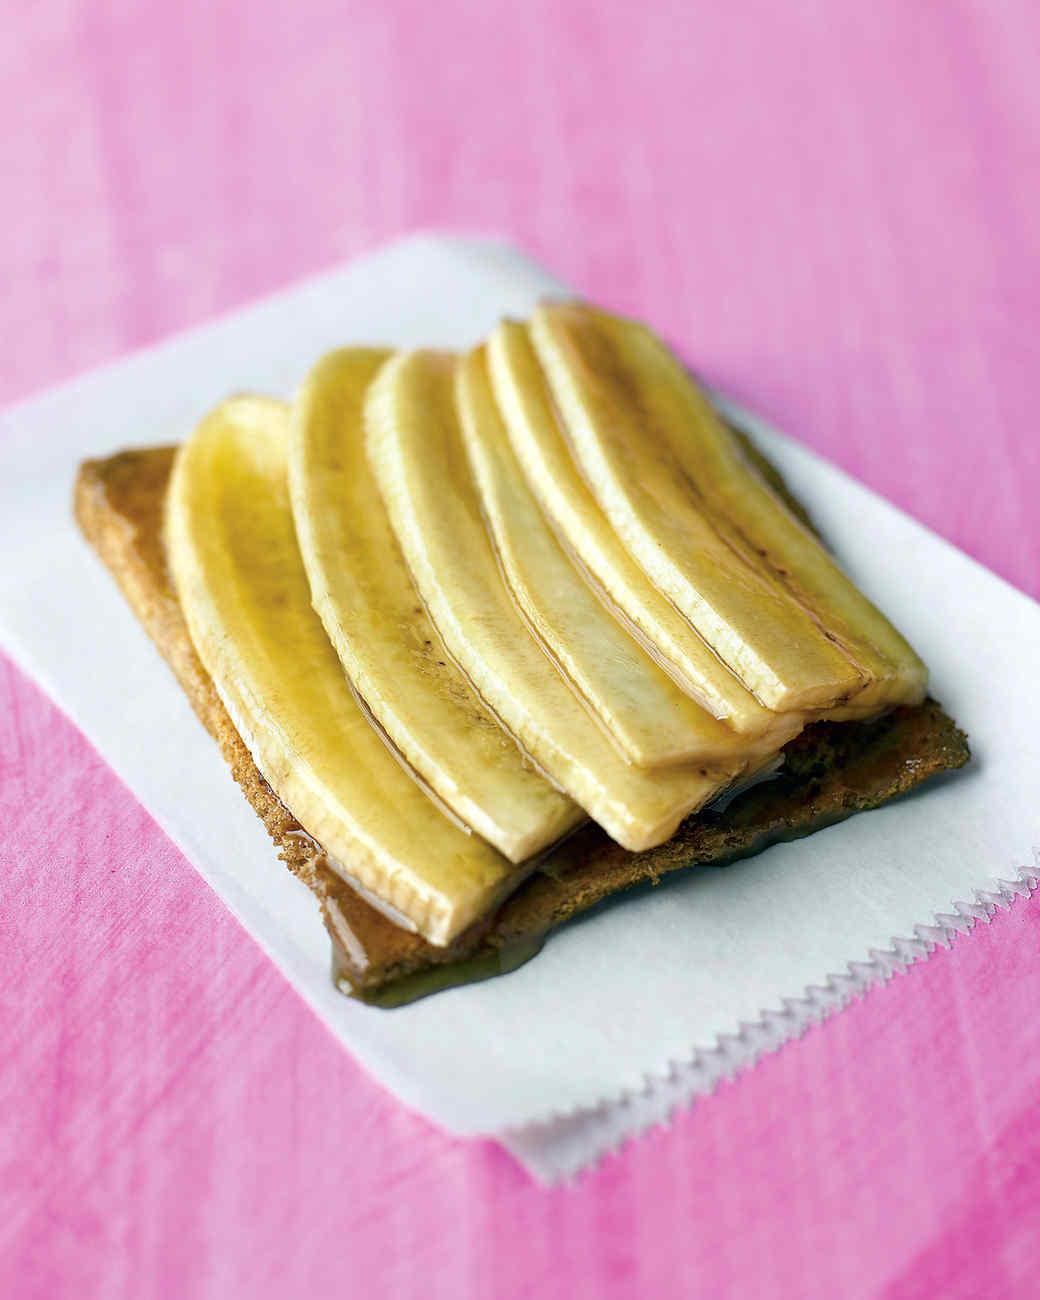 ed102639_0107_banana.jpg